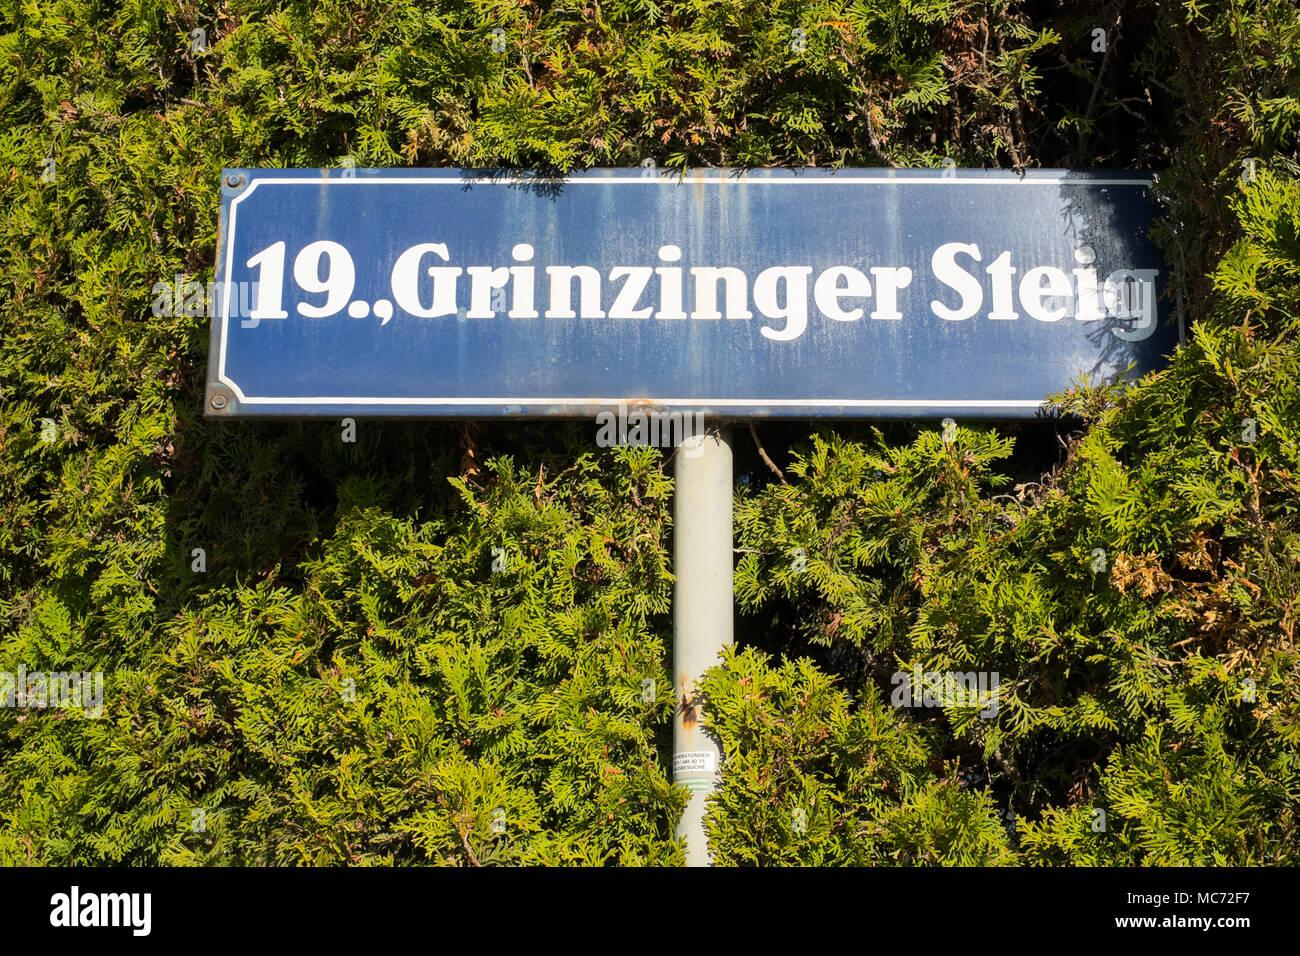 19.,Grinzinger Stieg street sign, Grinzing, Vienna, Austria, Europe. - Stock Image